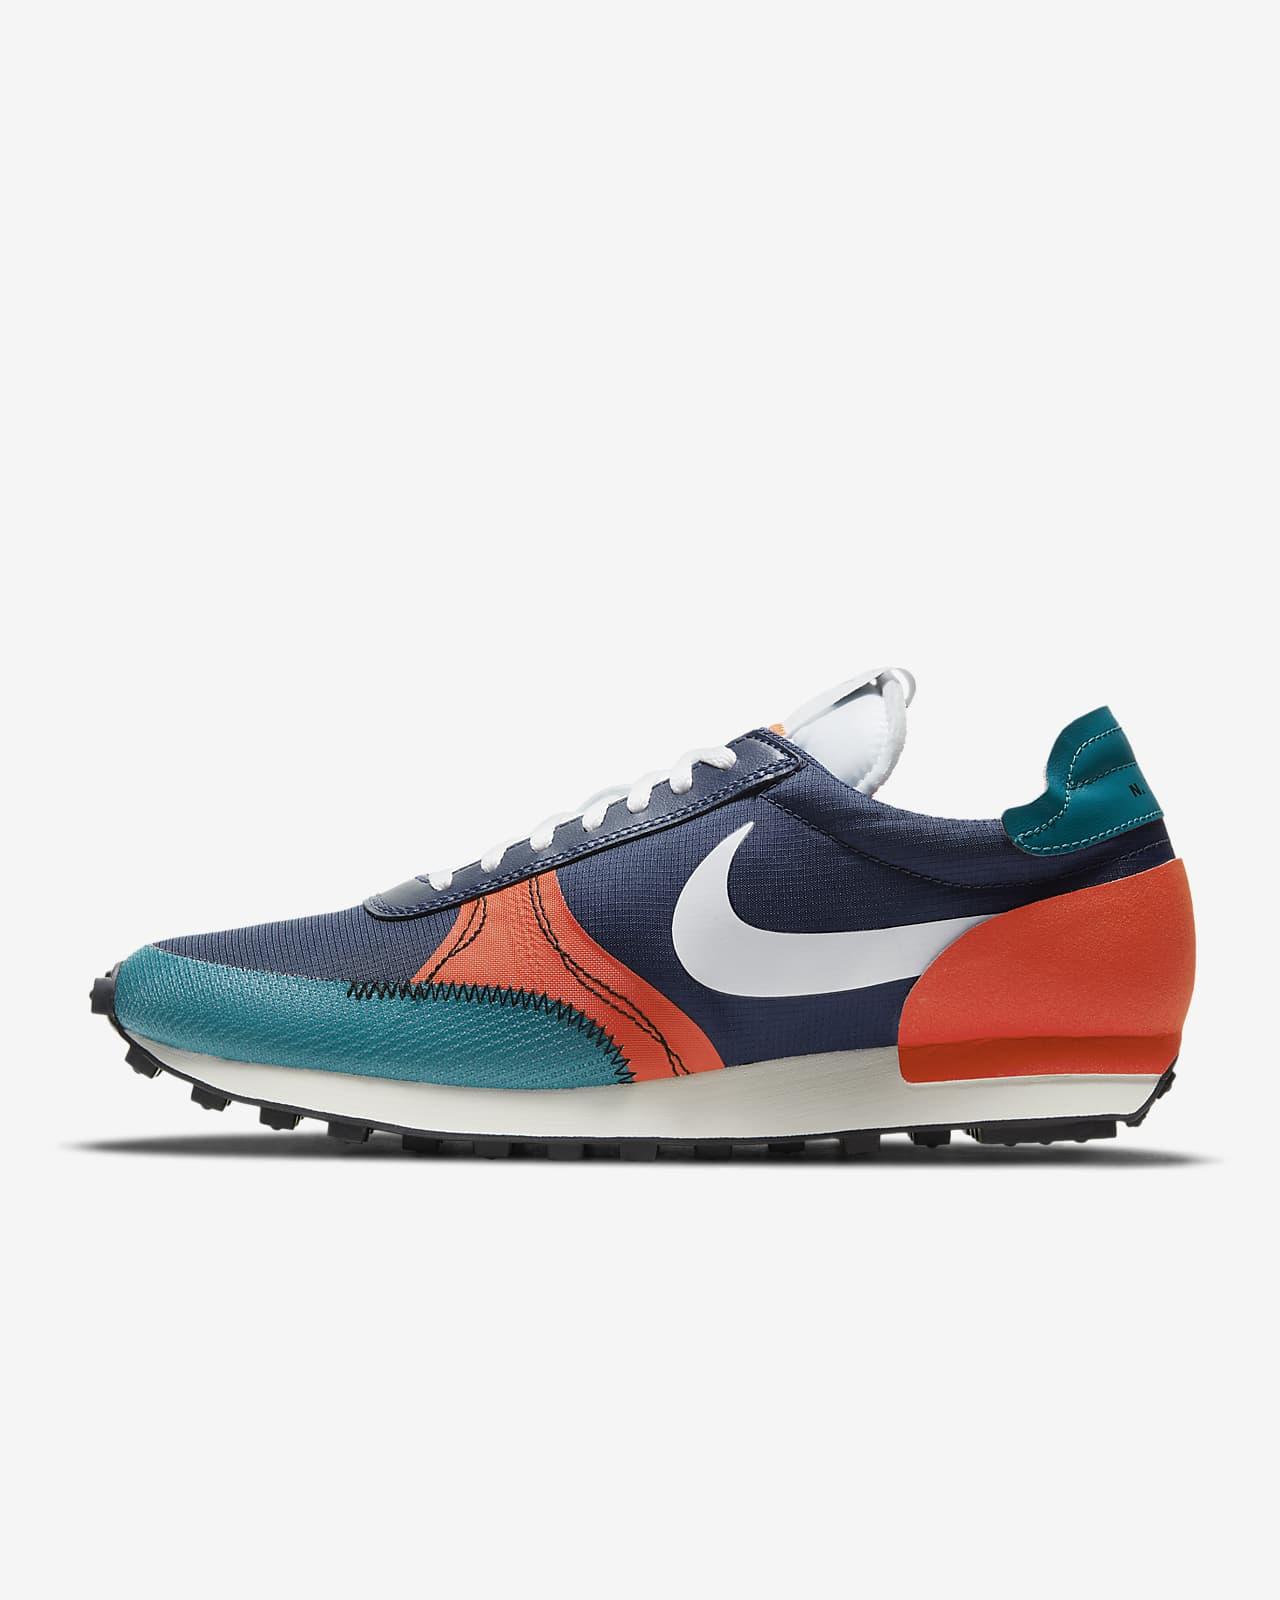 Nike DBreak-Type SE Men's Shoe